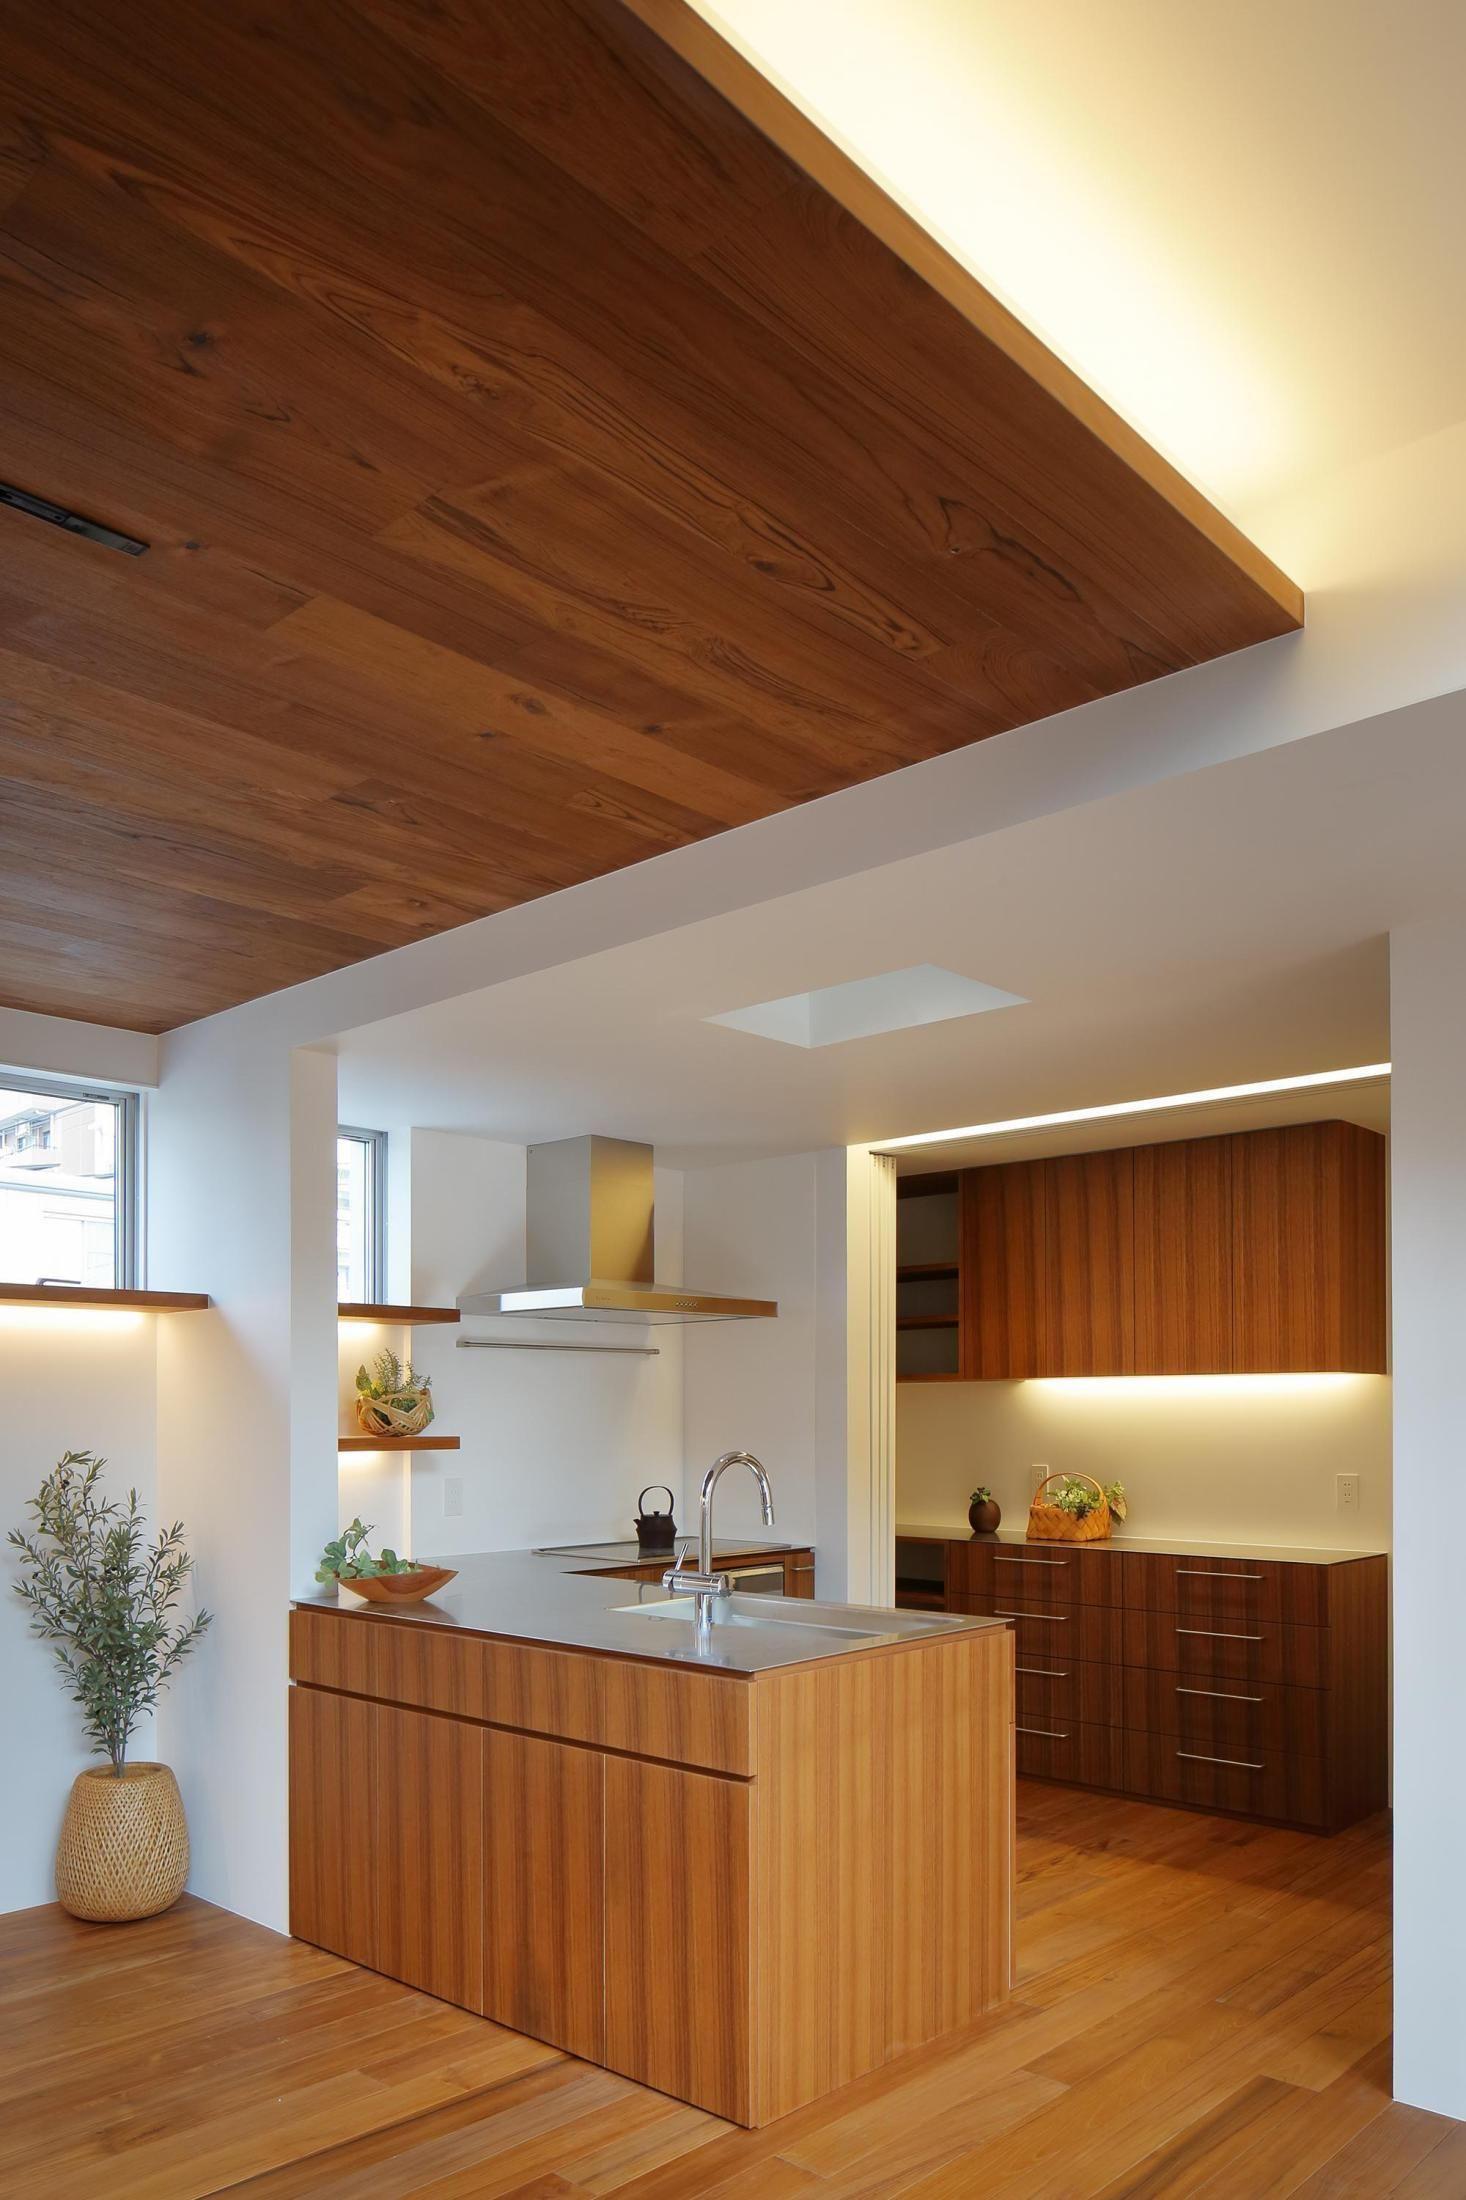 使いやすい 魅力的なl字型キッチン事例8選 L字型キッチン キッチン